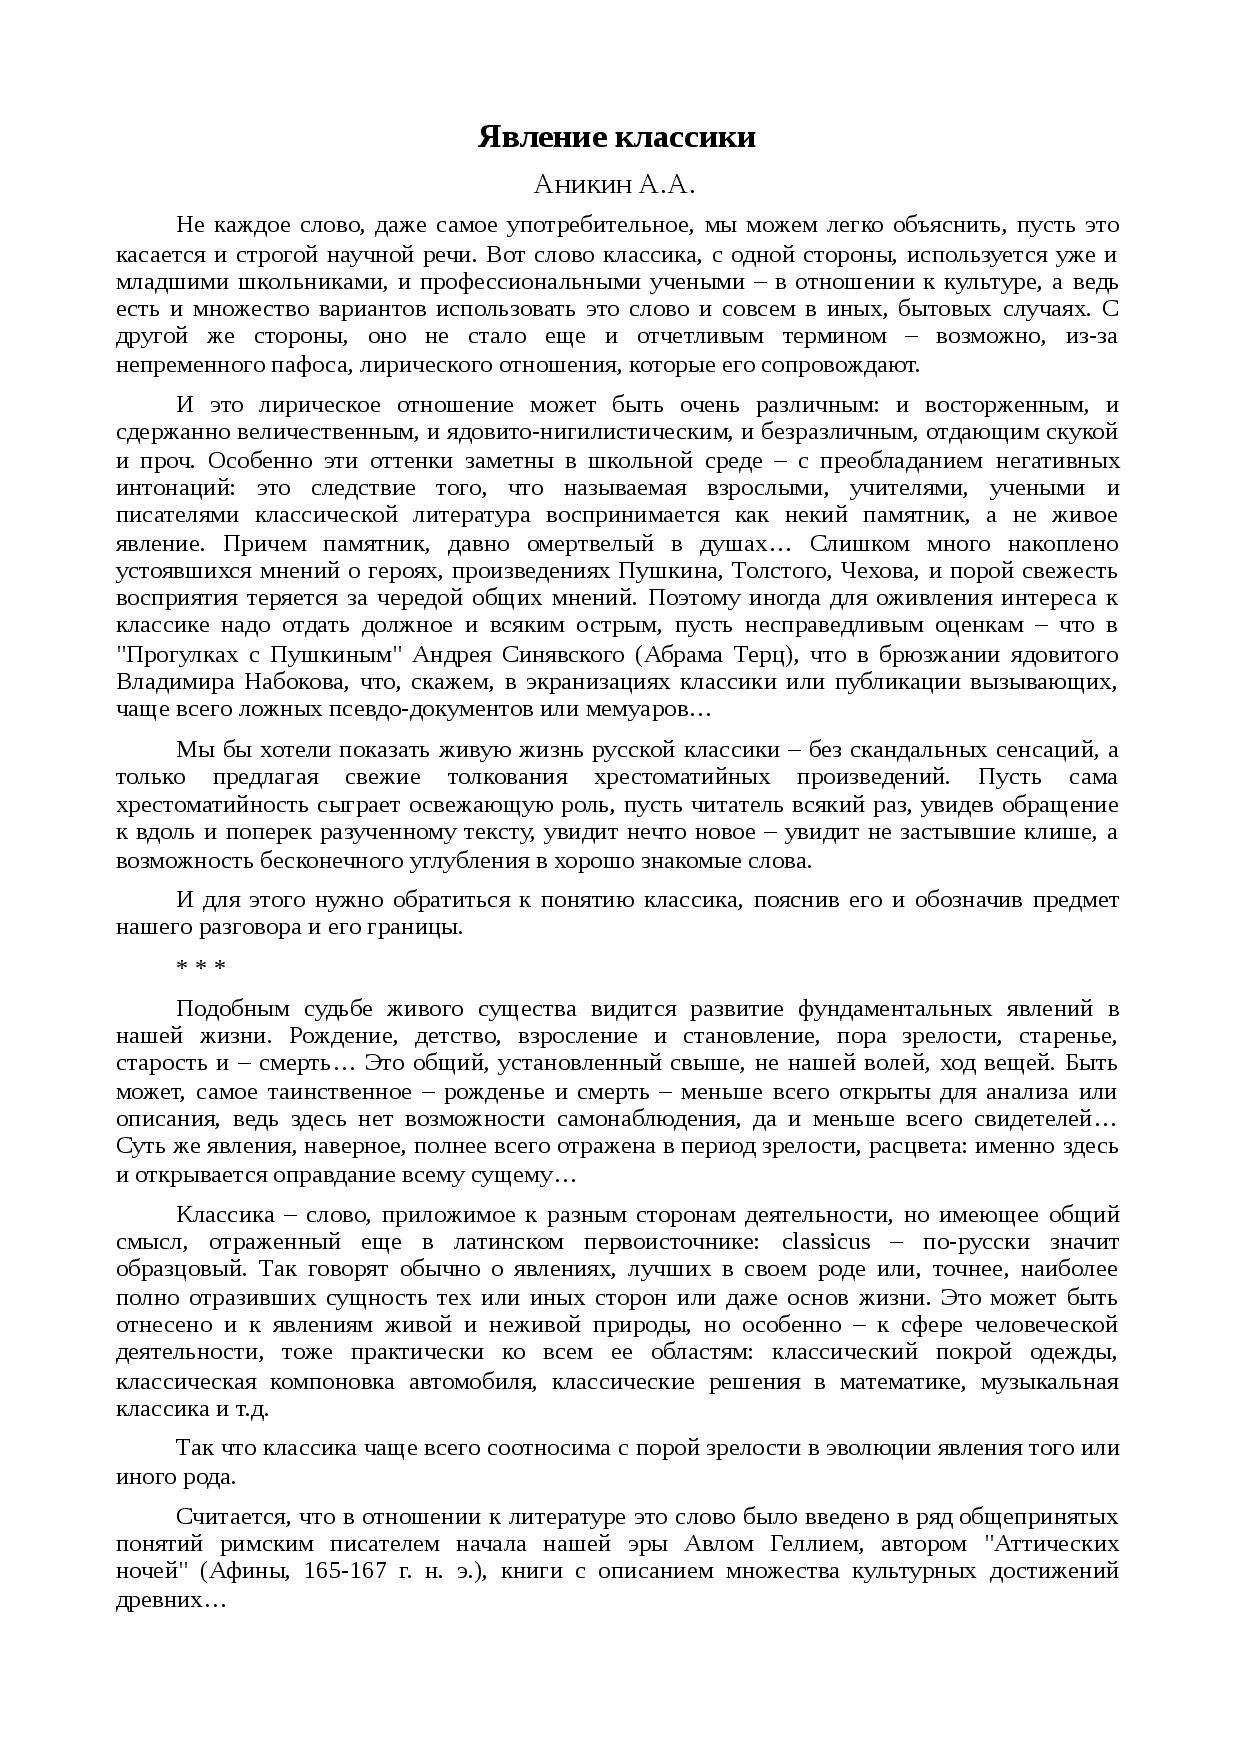 Читать онлайн классическая проза - страница 1. читать бесплатно на online-knigi.com